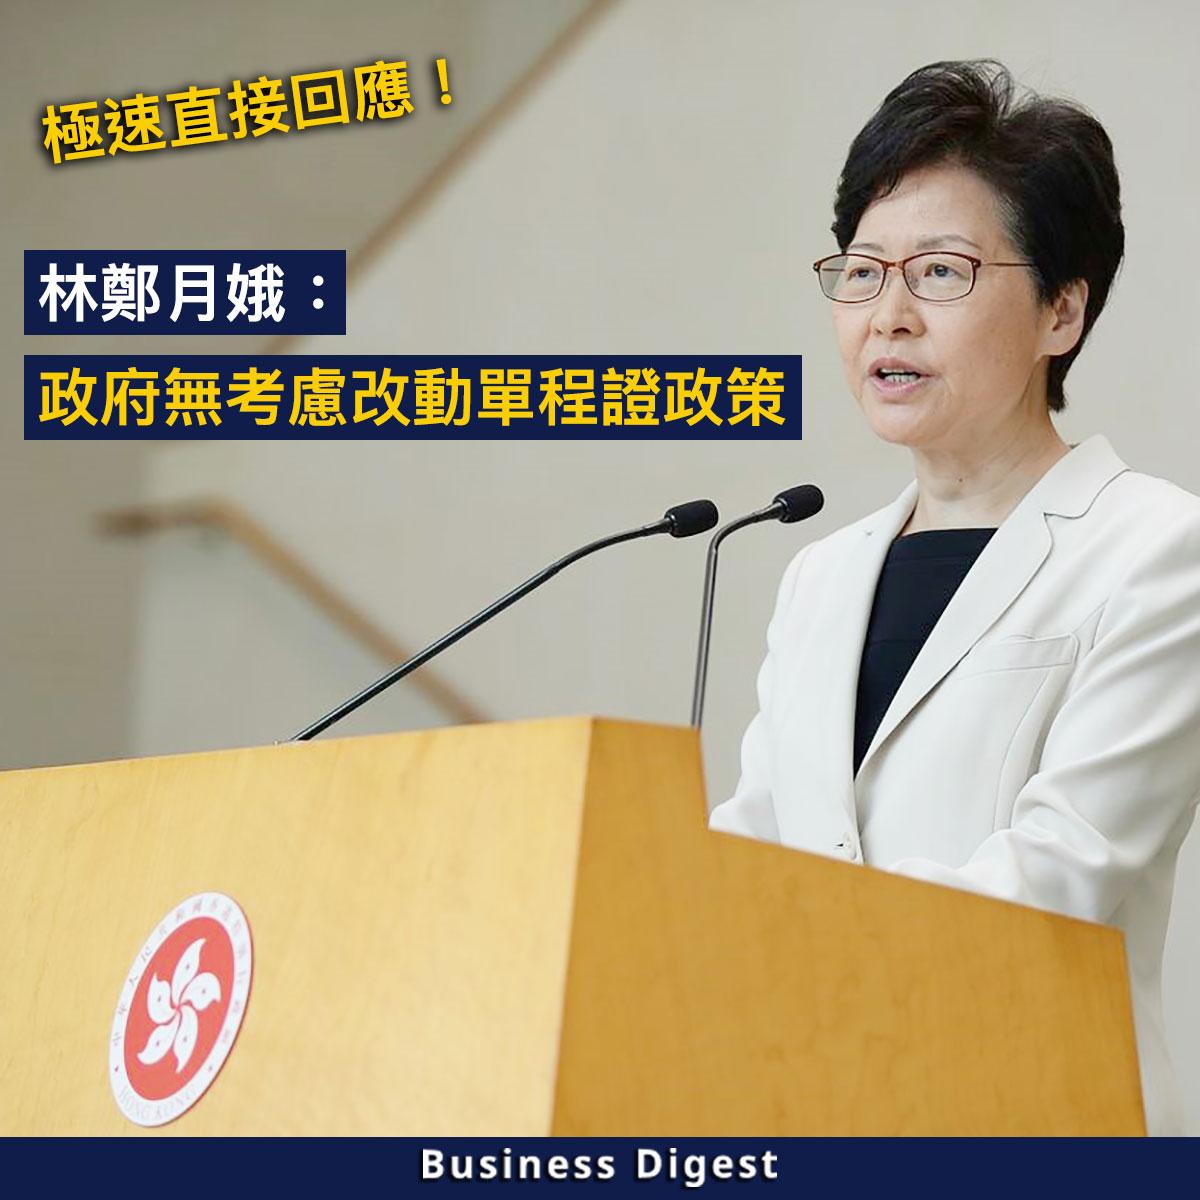 【商業熱話】林鄭月娥:政府無考慮改動單程證政策